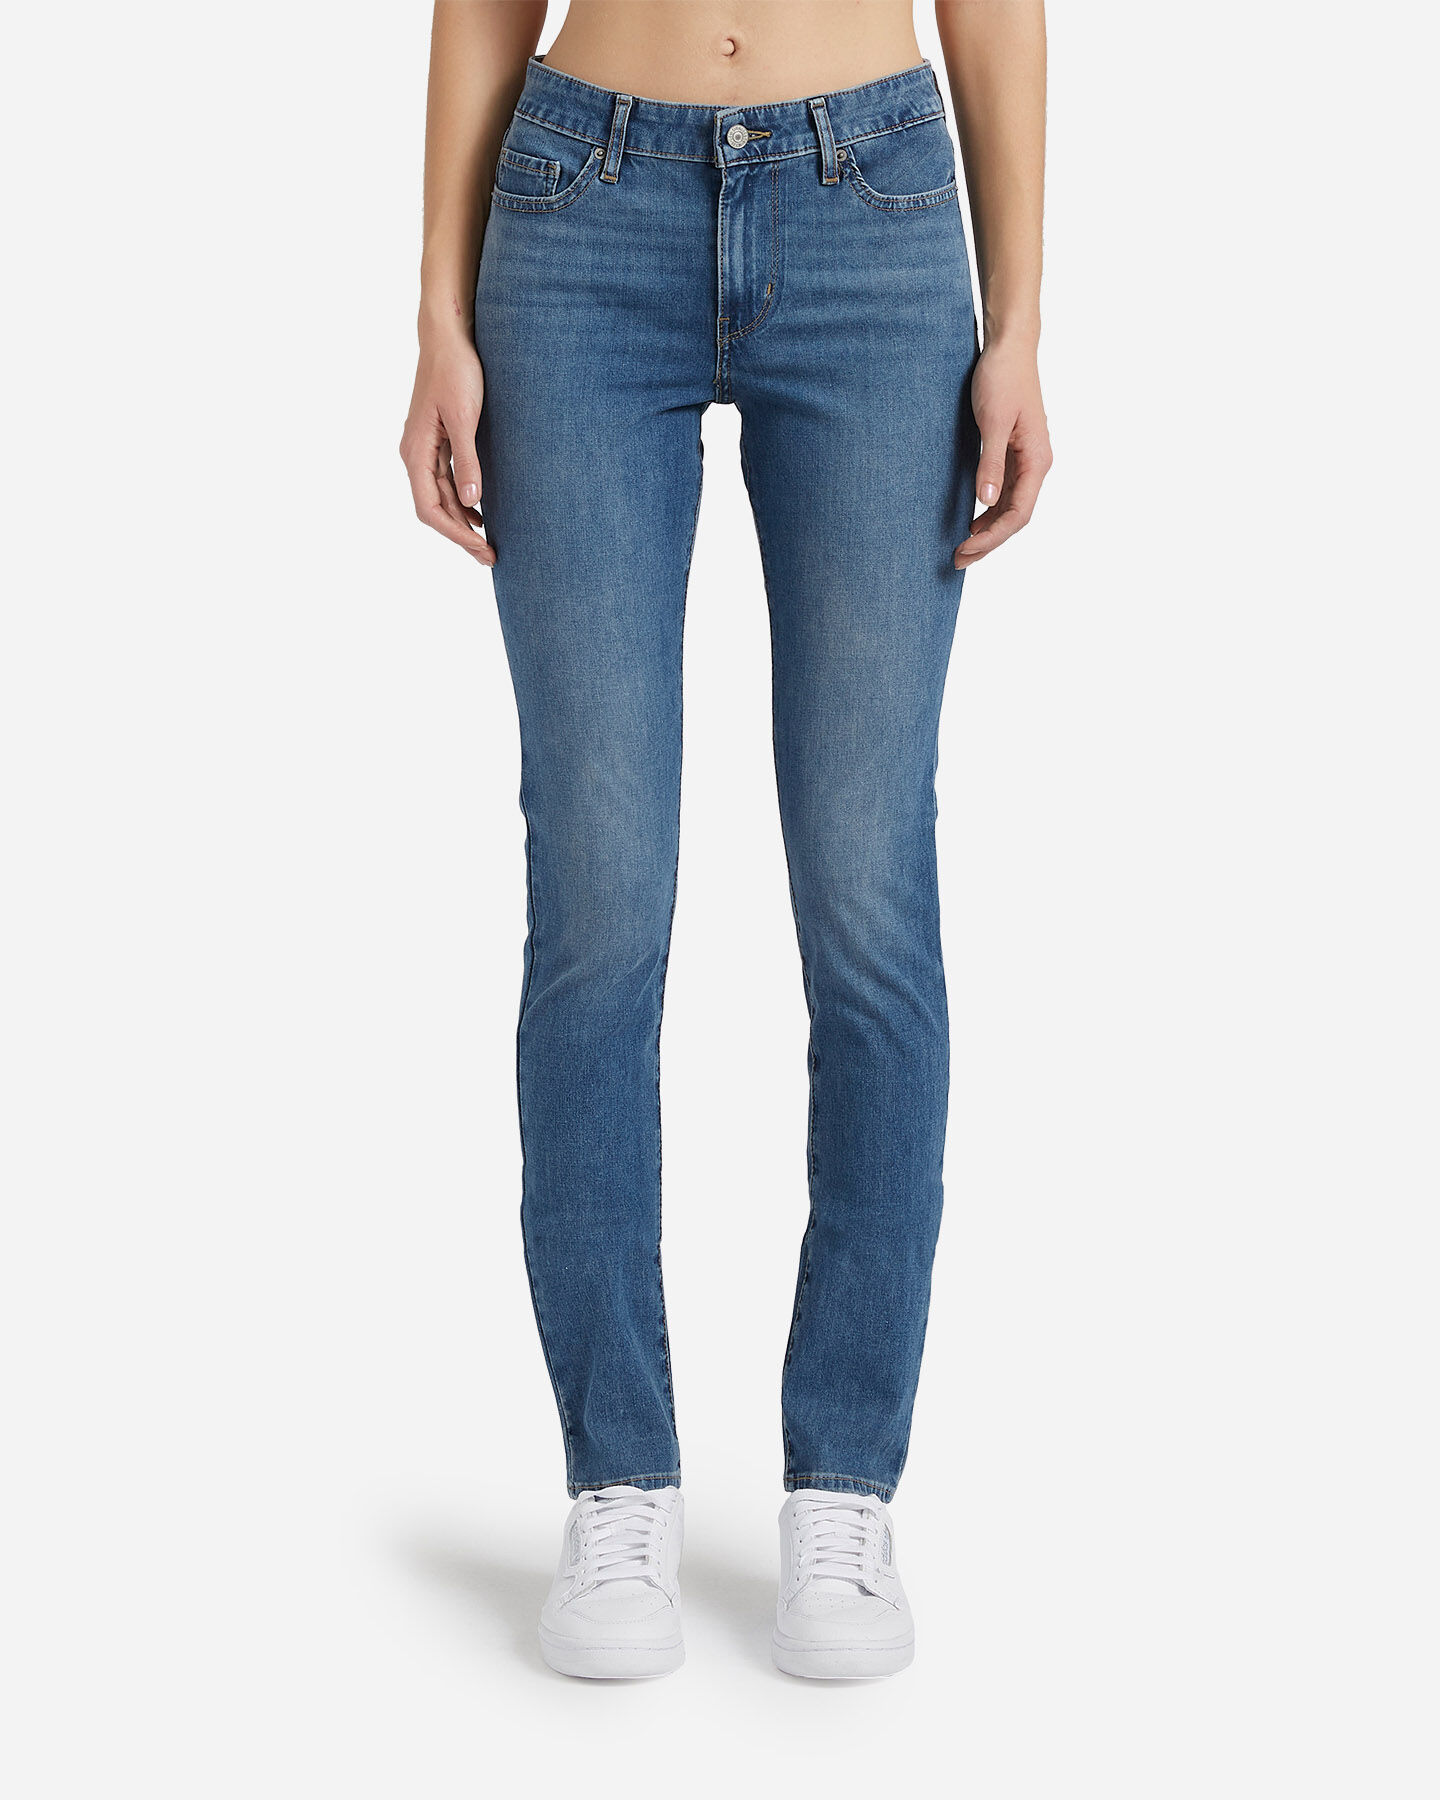 Jeans LEVI'S 711 SKINNY W S4077781 scatto 0